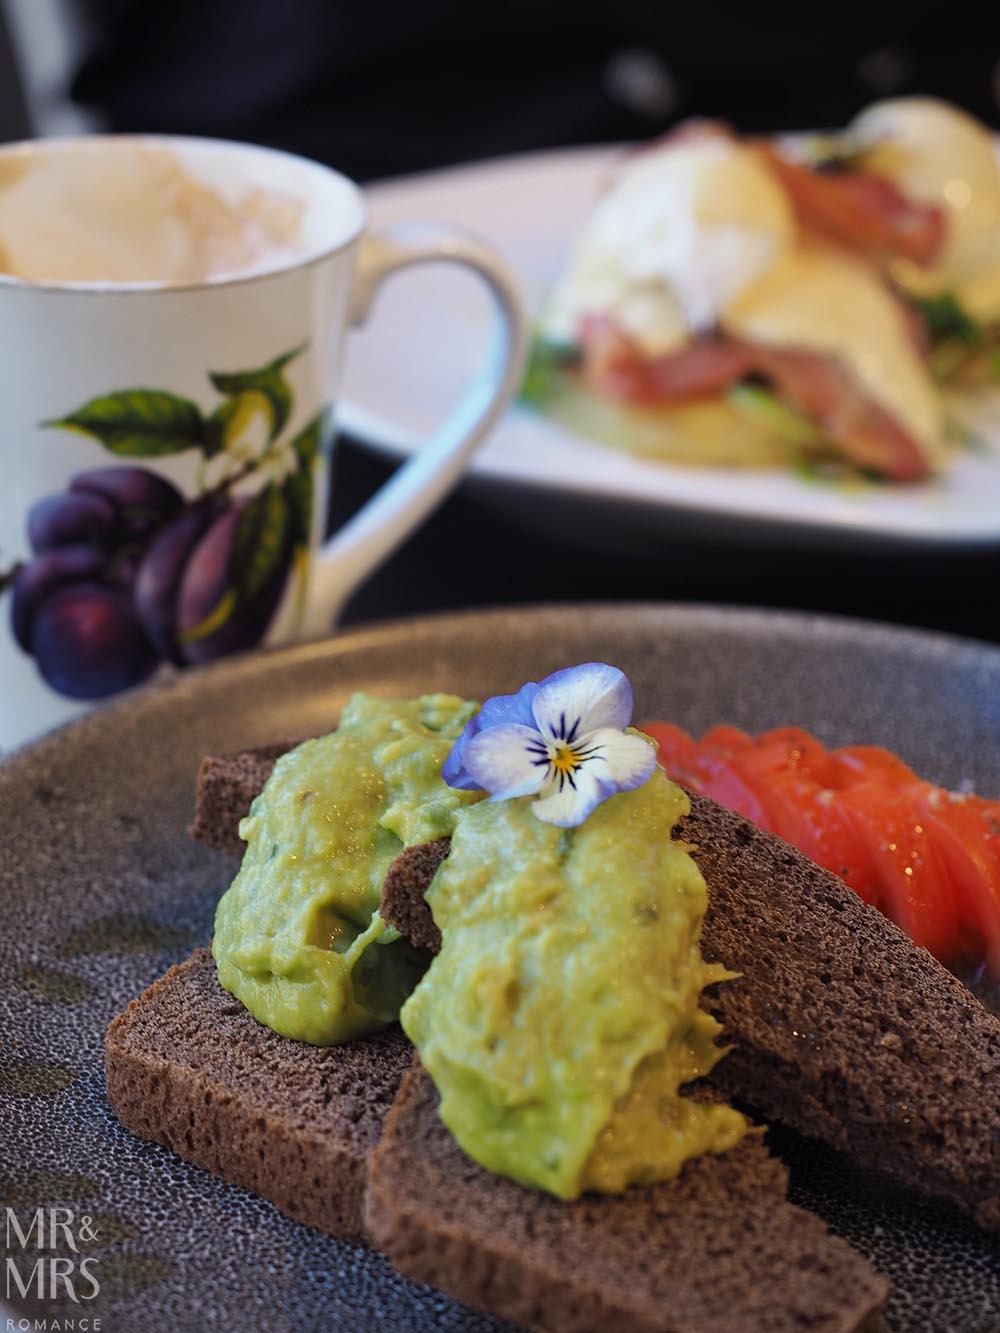 Henley Hotel - avocado on toast